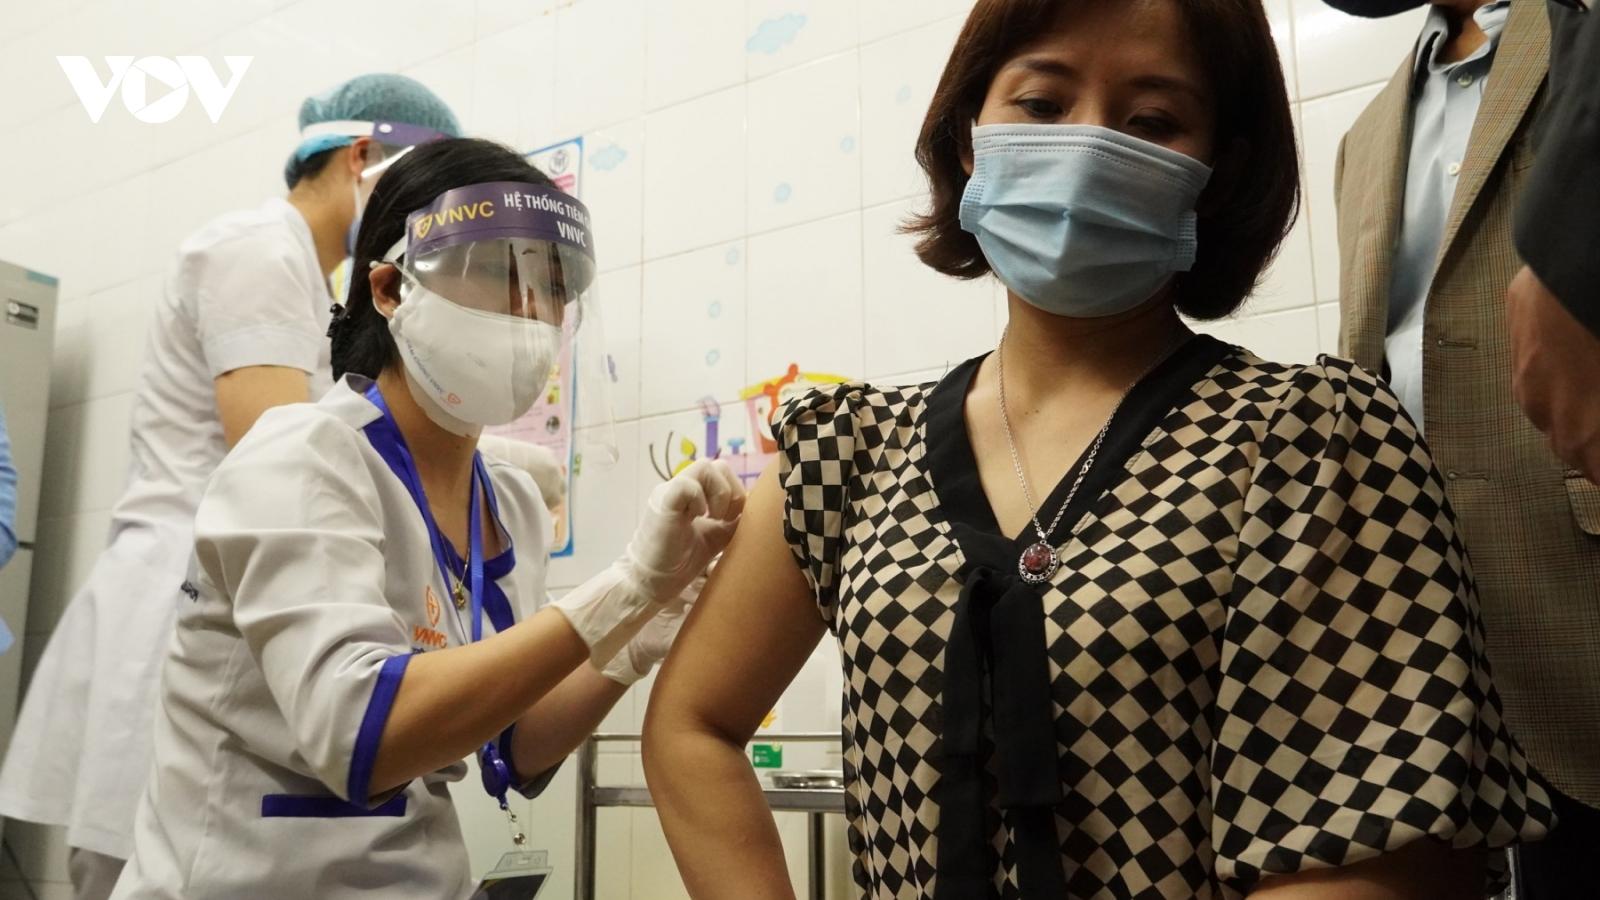 Hơn 200 người ở Hải Dương tiêm vaccine COVID-19 đợt 1 sức khỏe đều ổn định